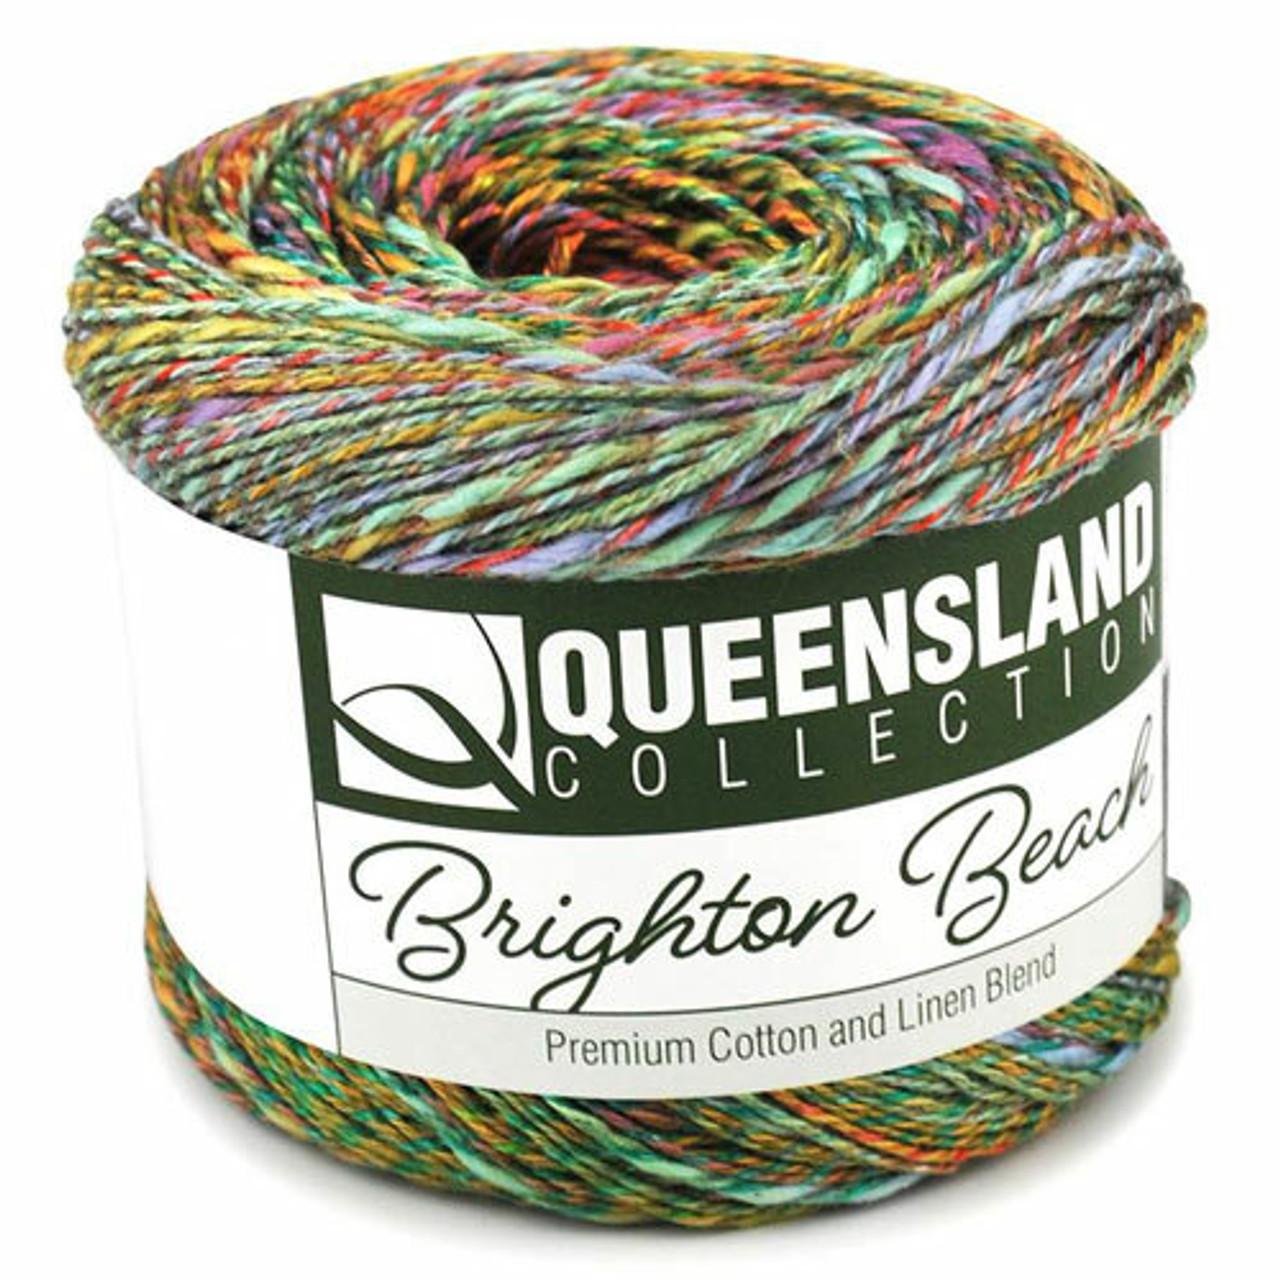 Queensland Collection - Brighton Beach | Yarn Store